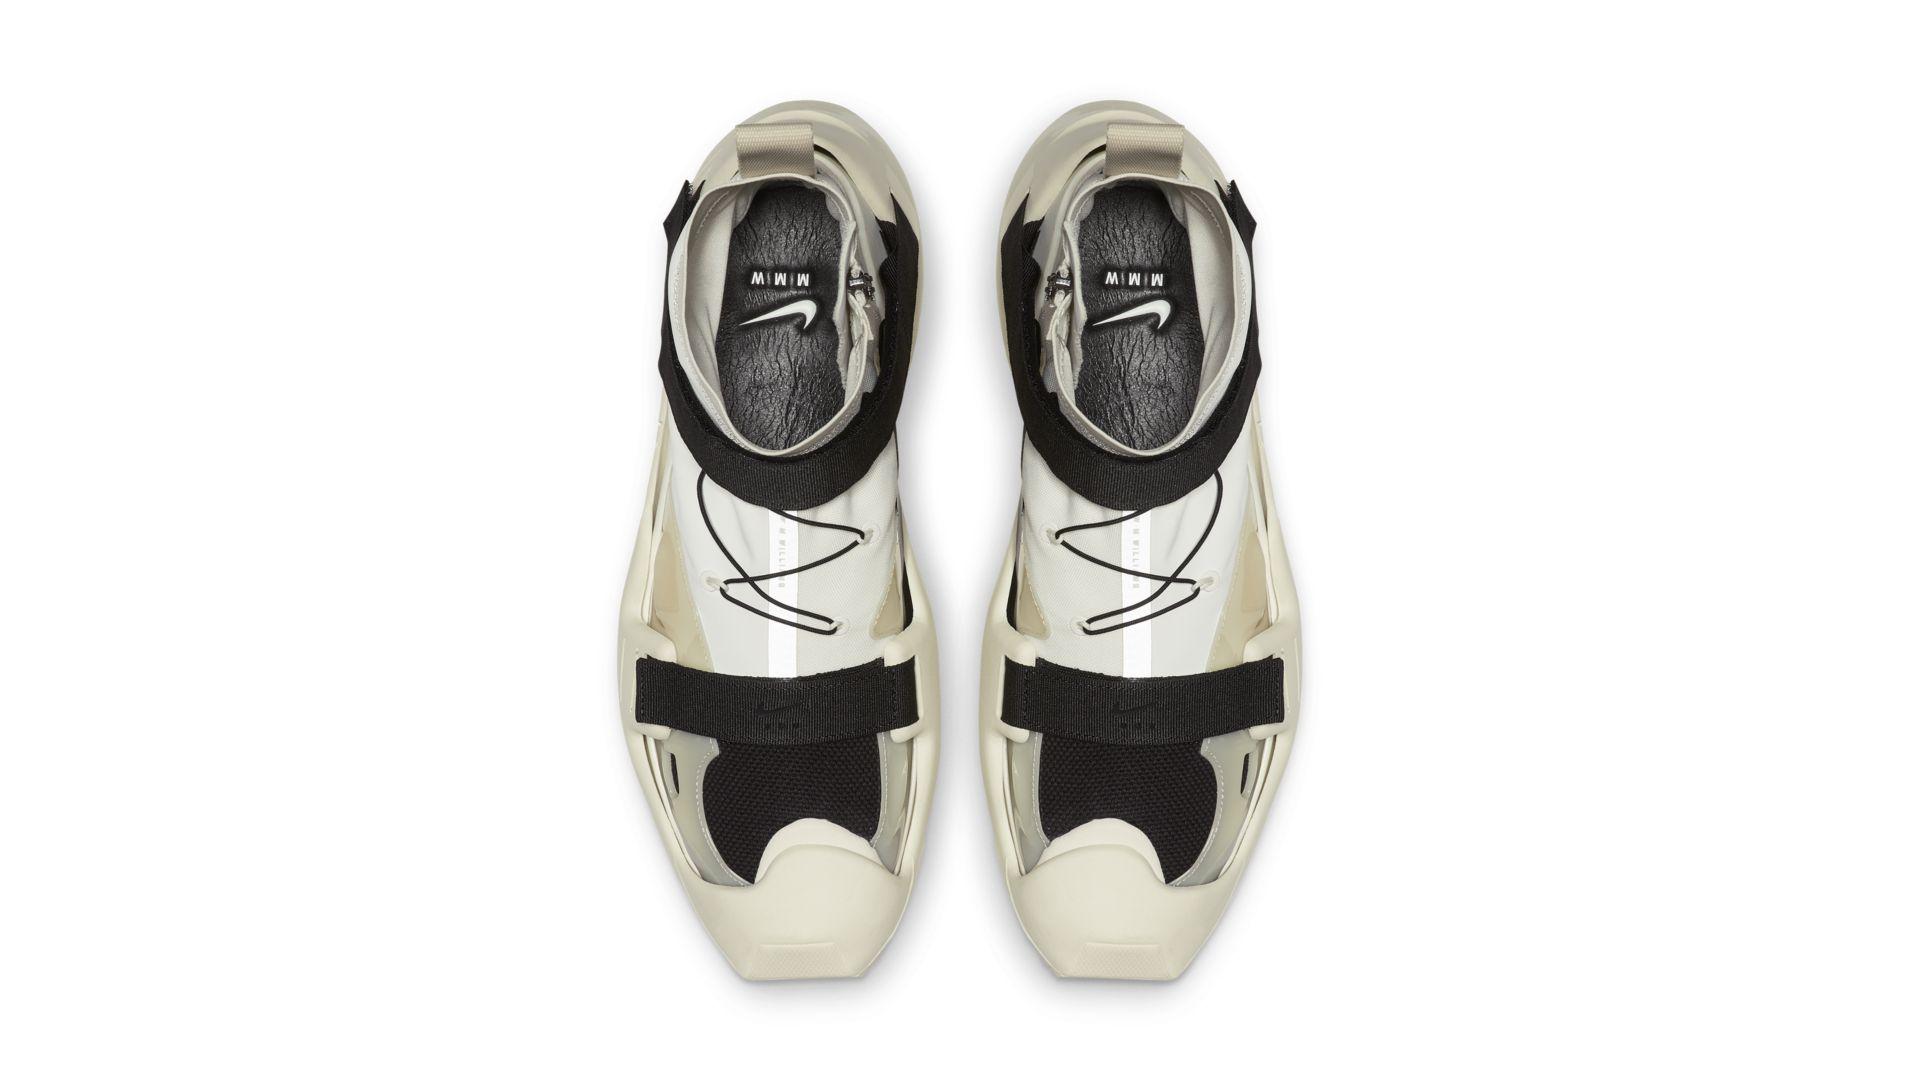 Nike Free TR 3 SP MMW Sail Black (AQ9200-100)